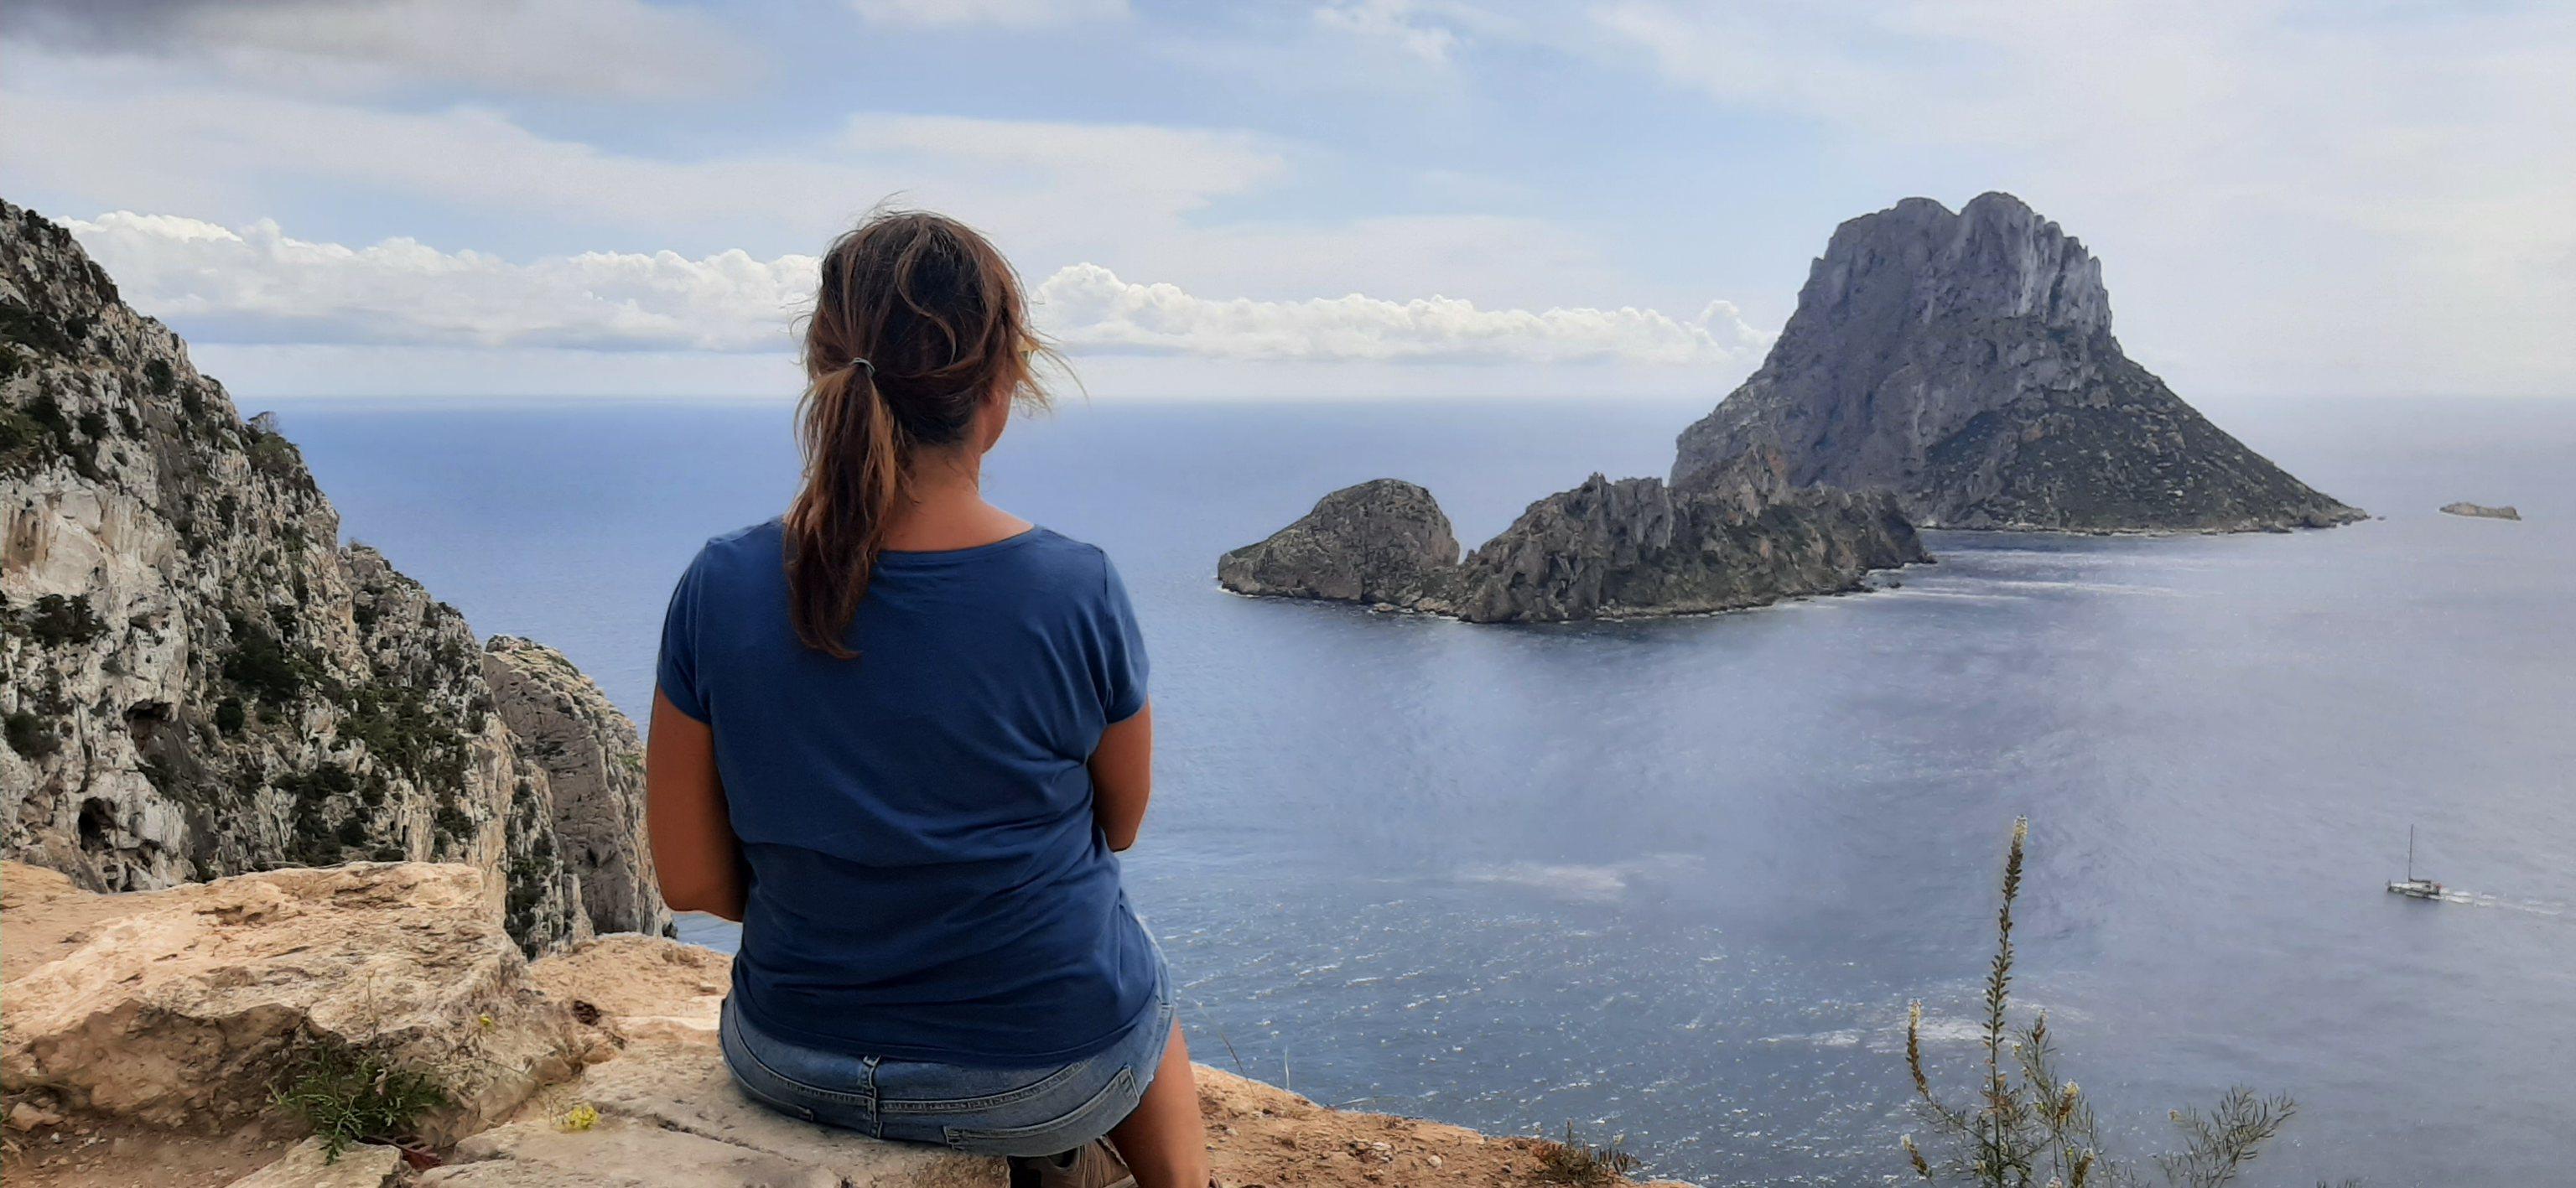 Es Vedrá, Ibiza, 25 de mayo 2021